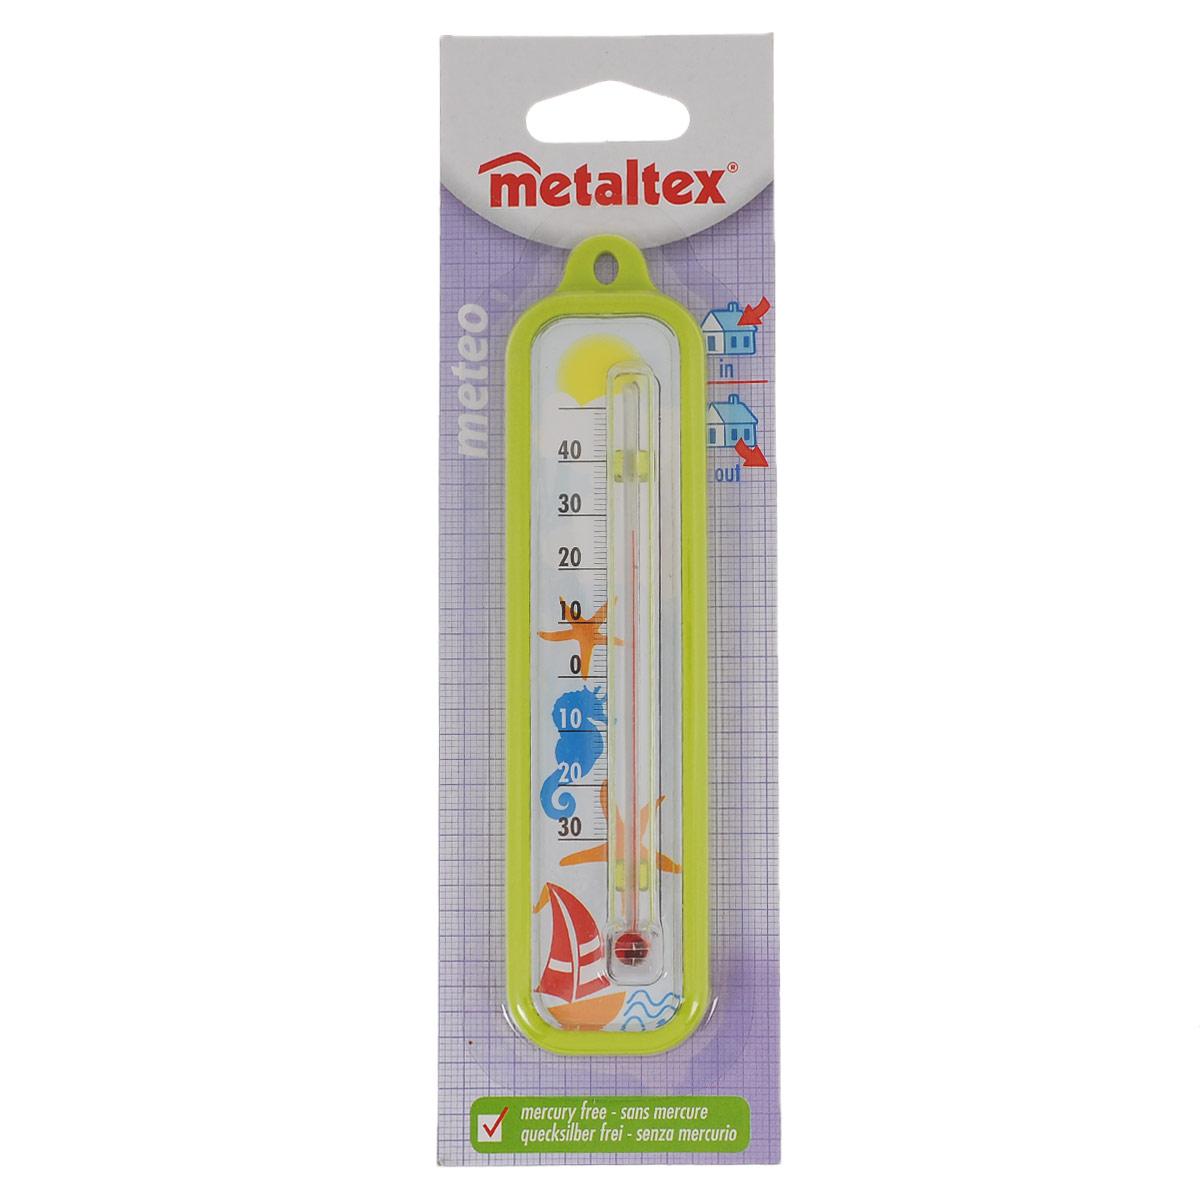 Термометр Metaltex Meteo, цвет: салатовый29.80.03Термометр Metaltex Meteo выполнен из пластика и оснащен шкалой с крупными цифрами. Он предназначен для измерения температуры воздуха в помещении.Экологически безопасный термометр - не содержит ртуть.